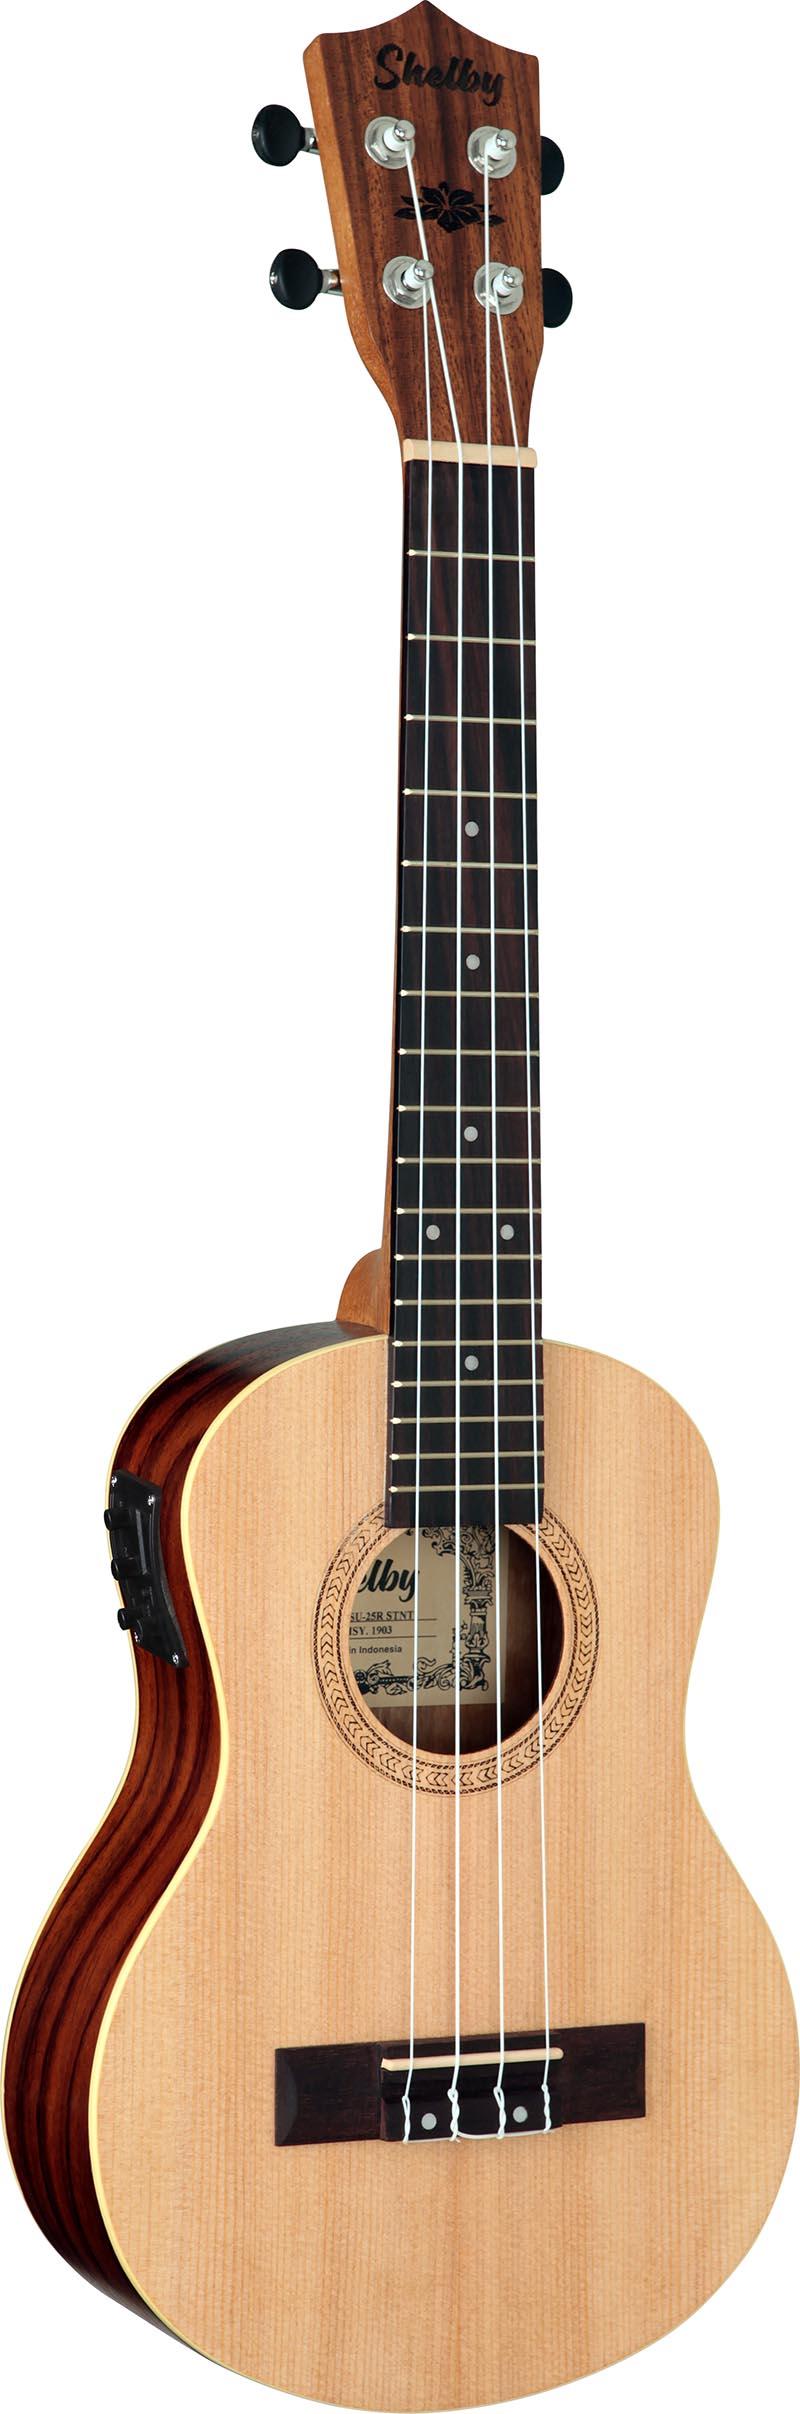 su25re ukulele tenor eletroacustico shelby su25re stnt jacaranda acetinado visao frontal vertical